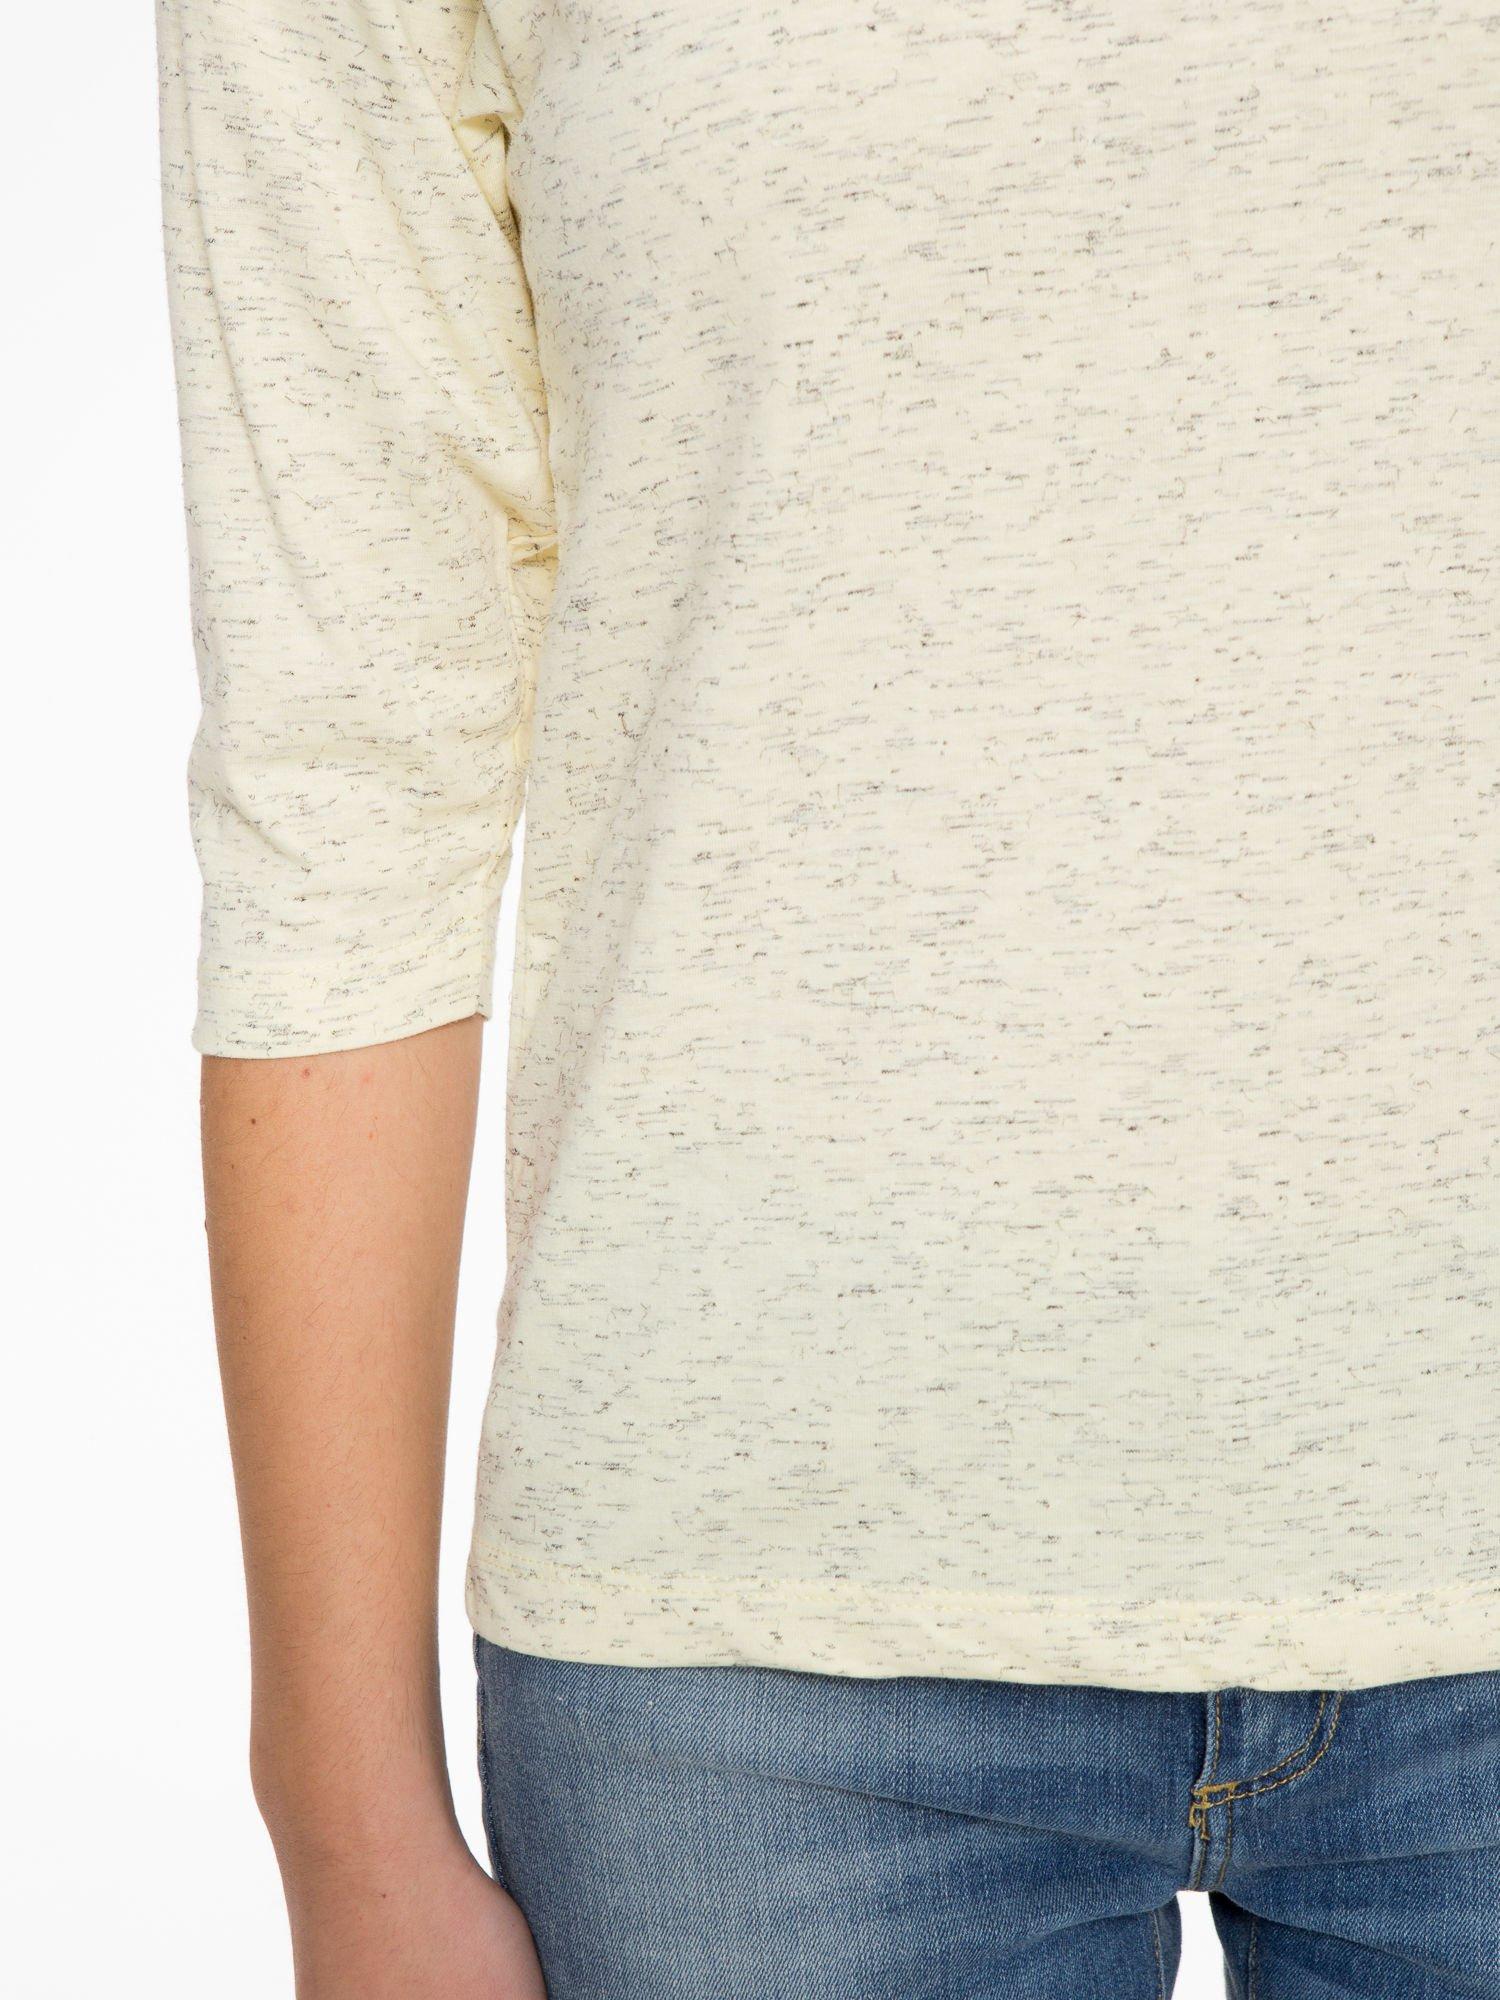 Jasnożółta melanżowa bluzka z rękawami 3/4                                  zdj.                                  6